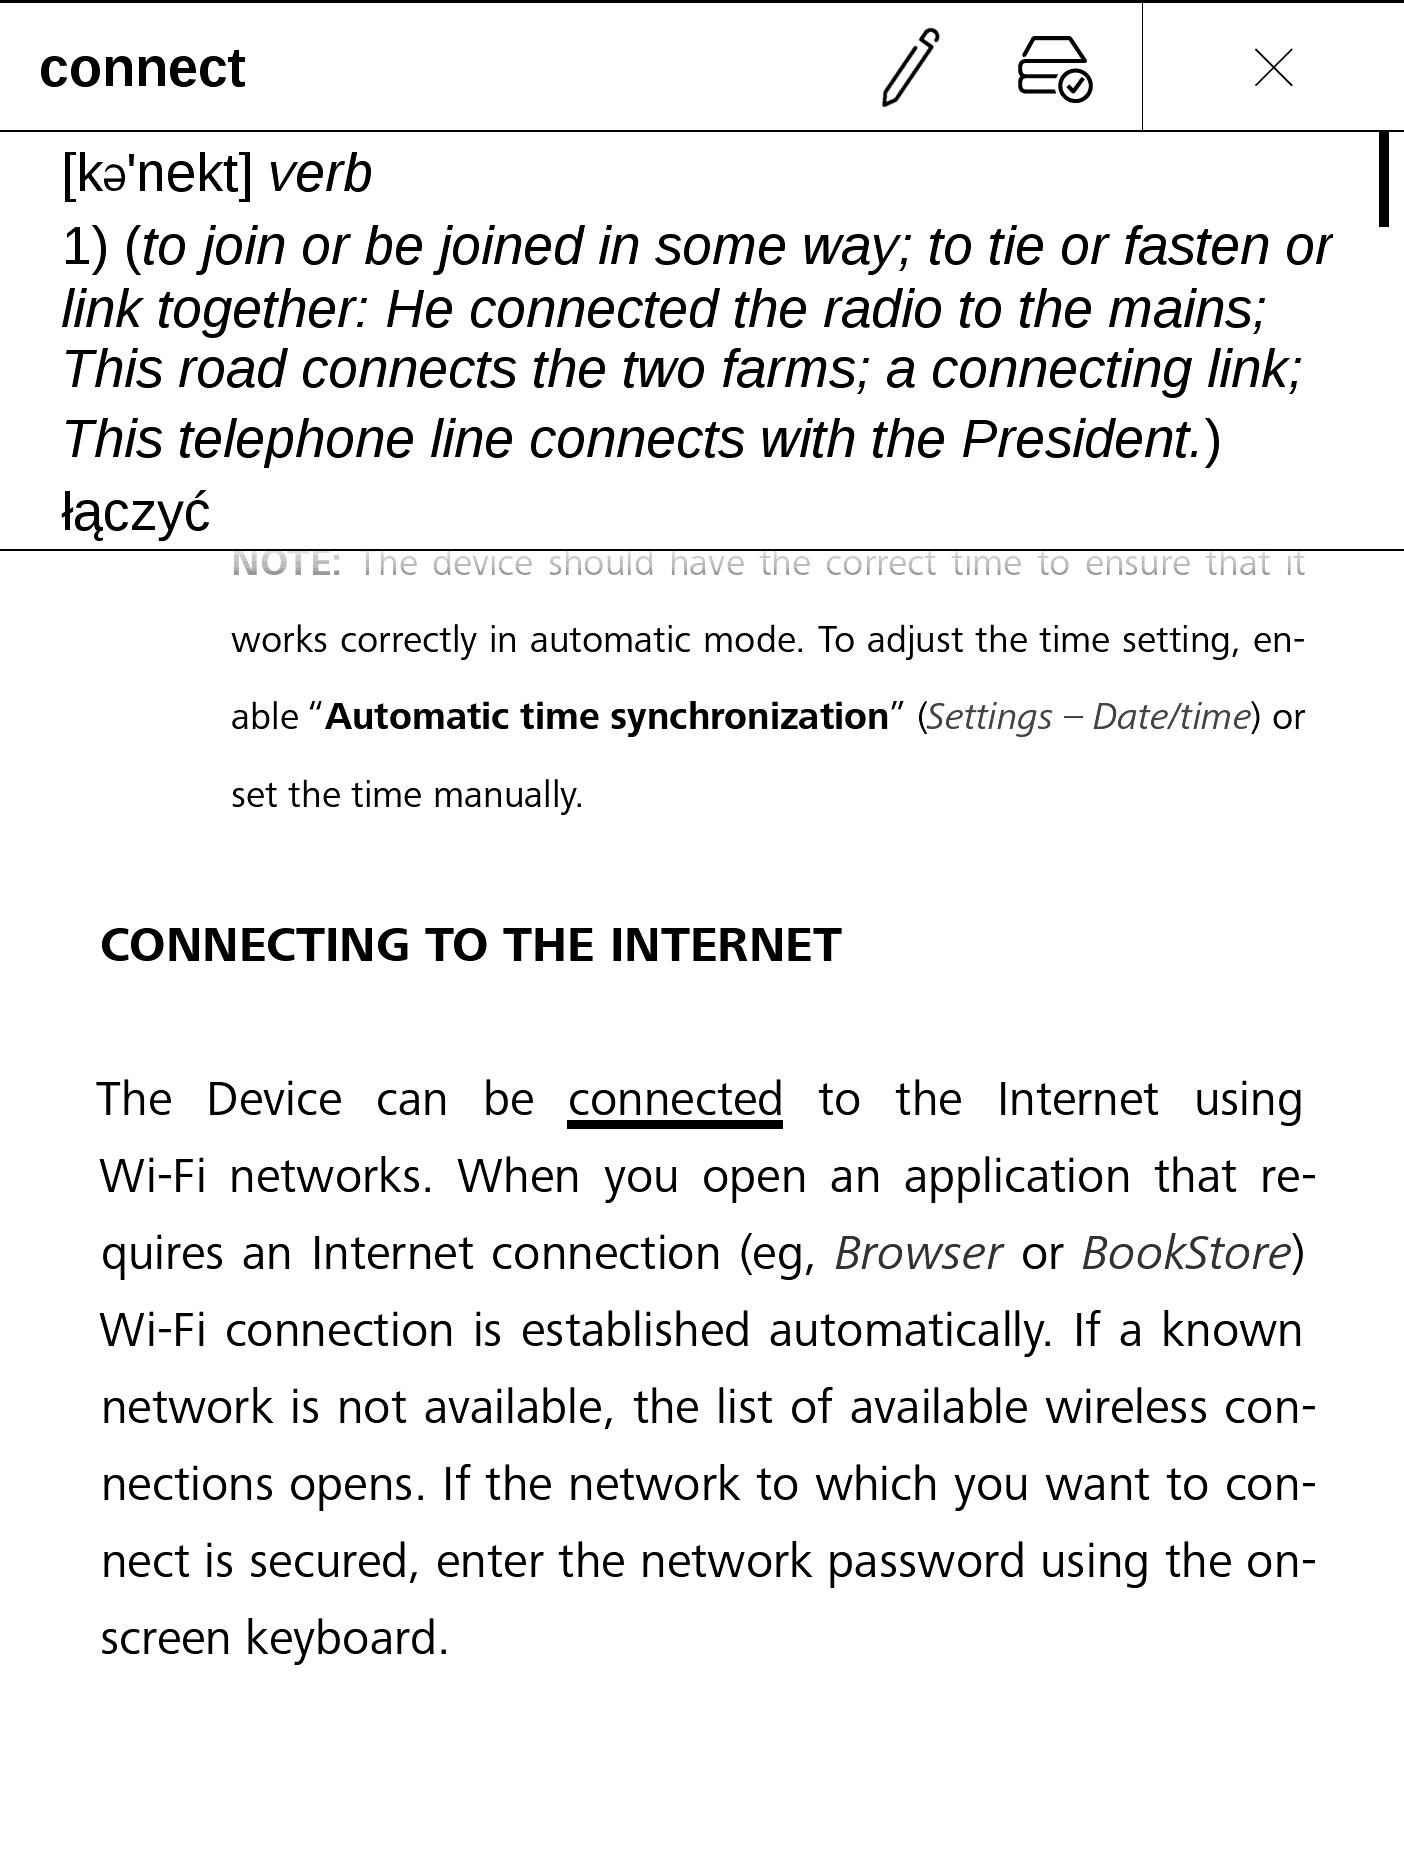 Tłumaczenie podkreślonego słowa na PocketBooku